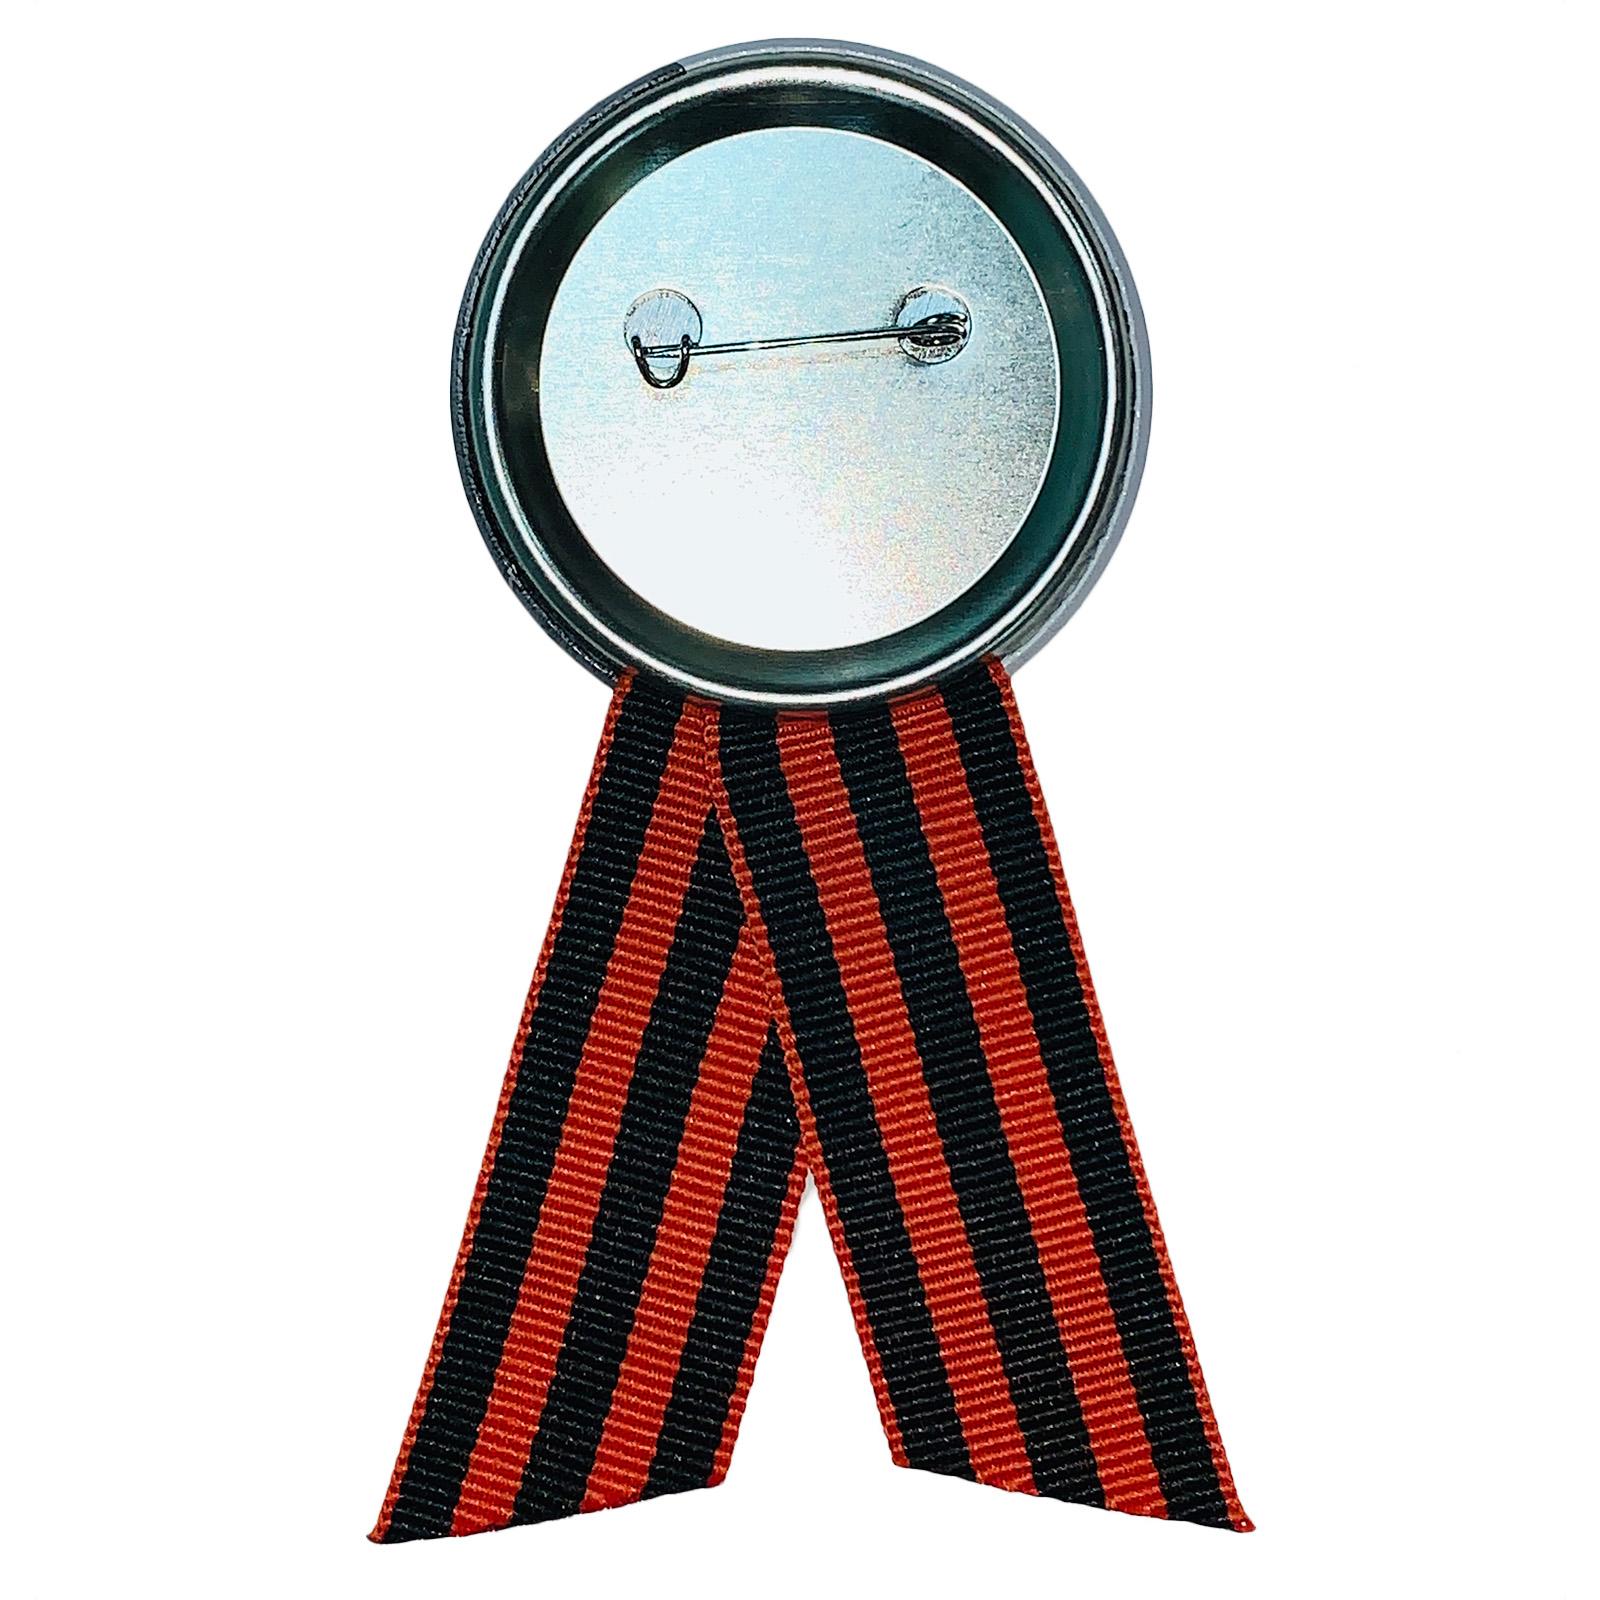 Значок на 75 лет Победы «И.В. Сталин. Наше дело правое!» - крепление булавка